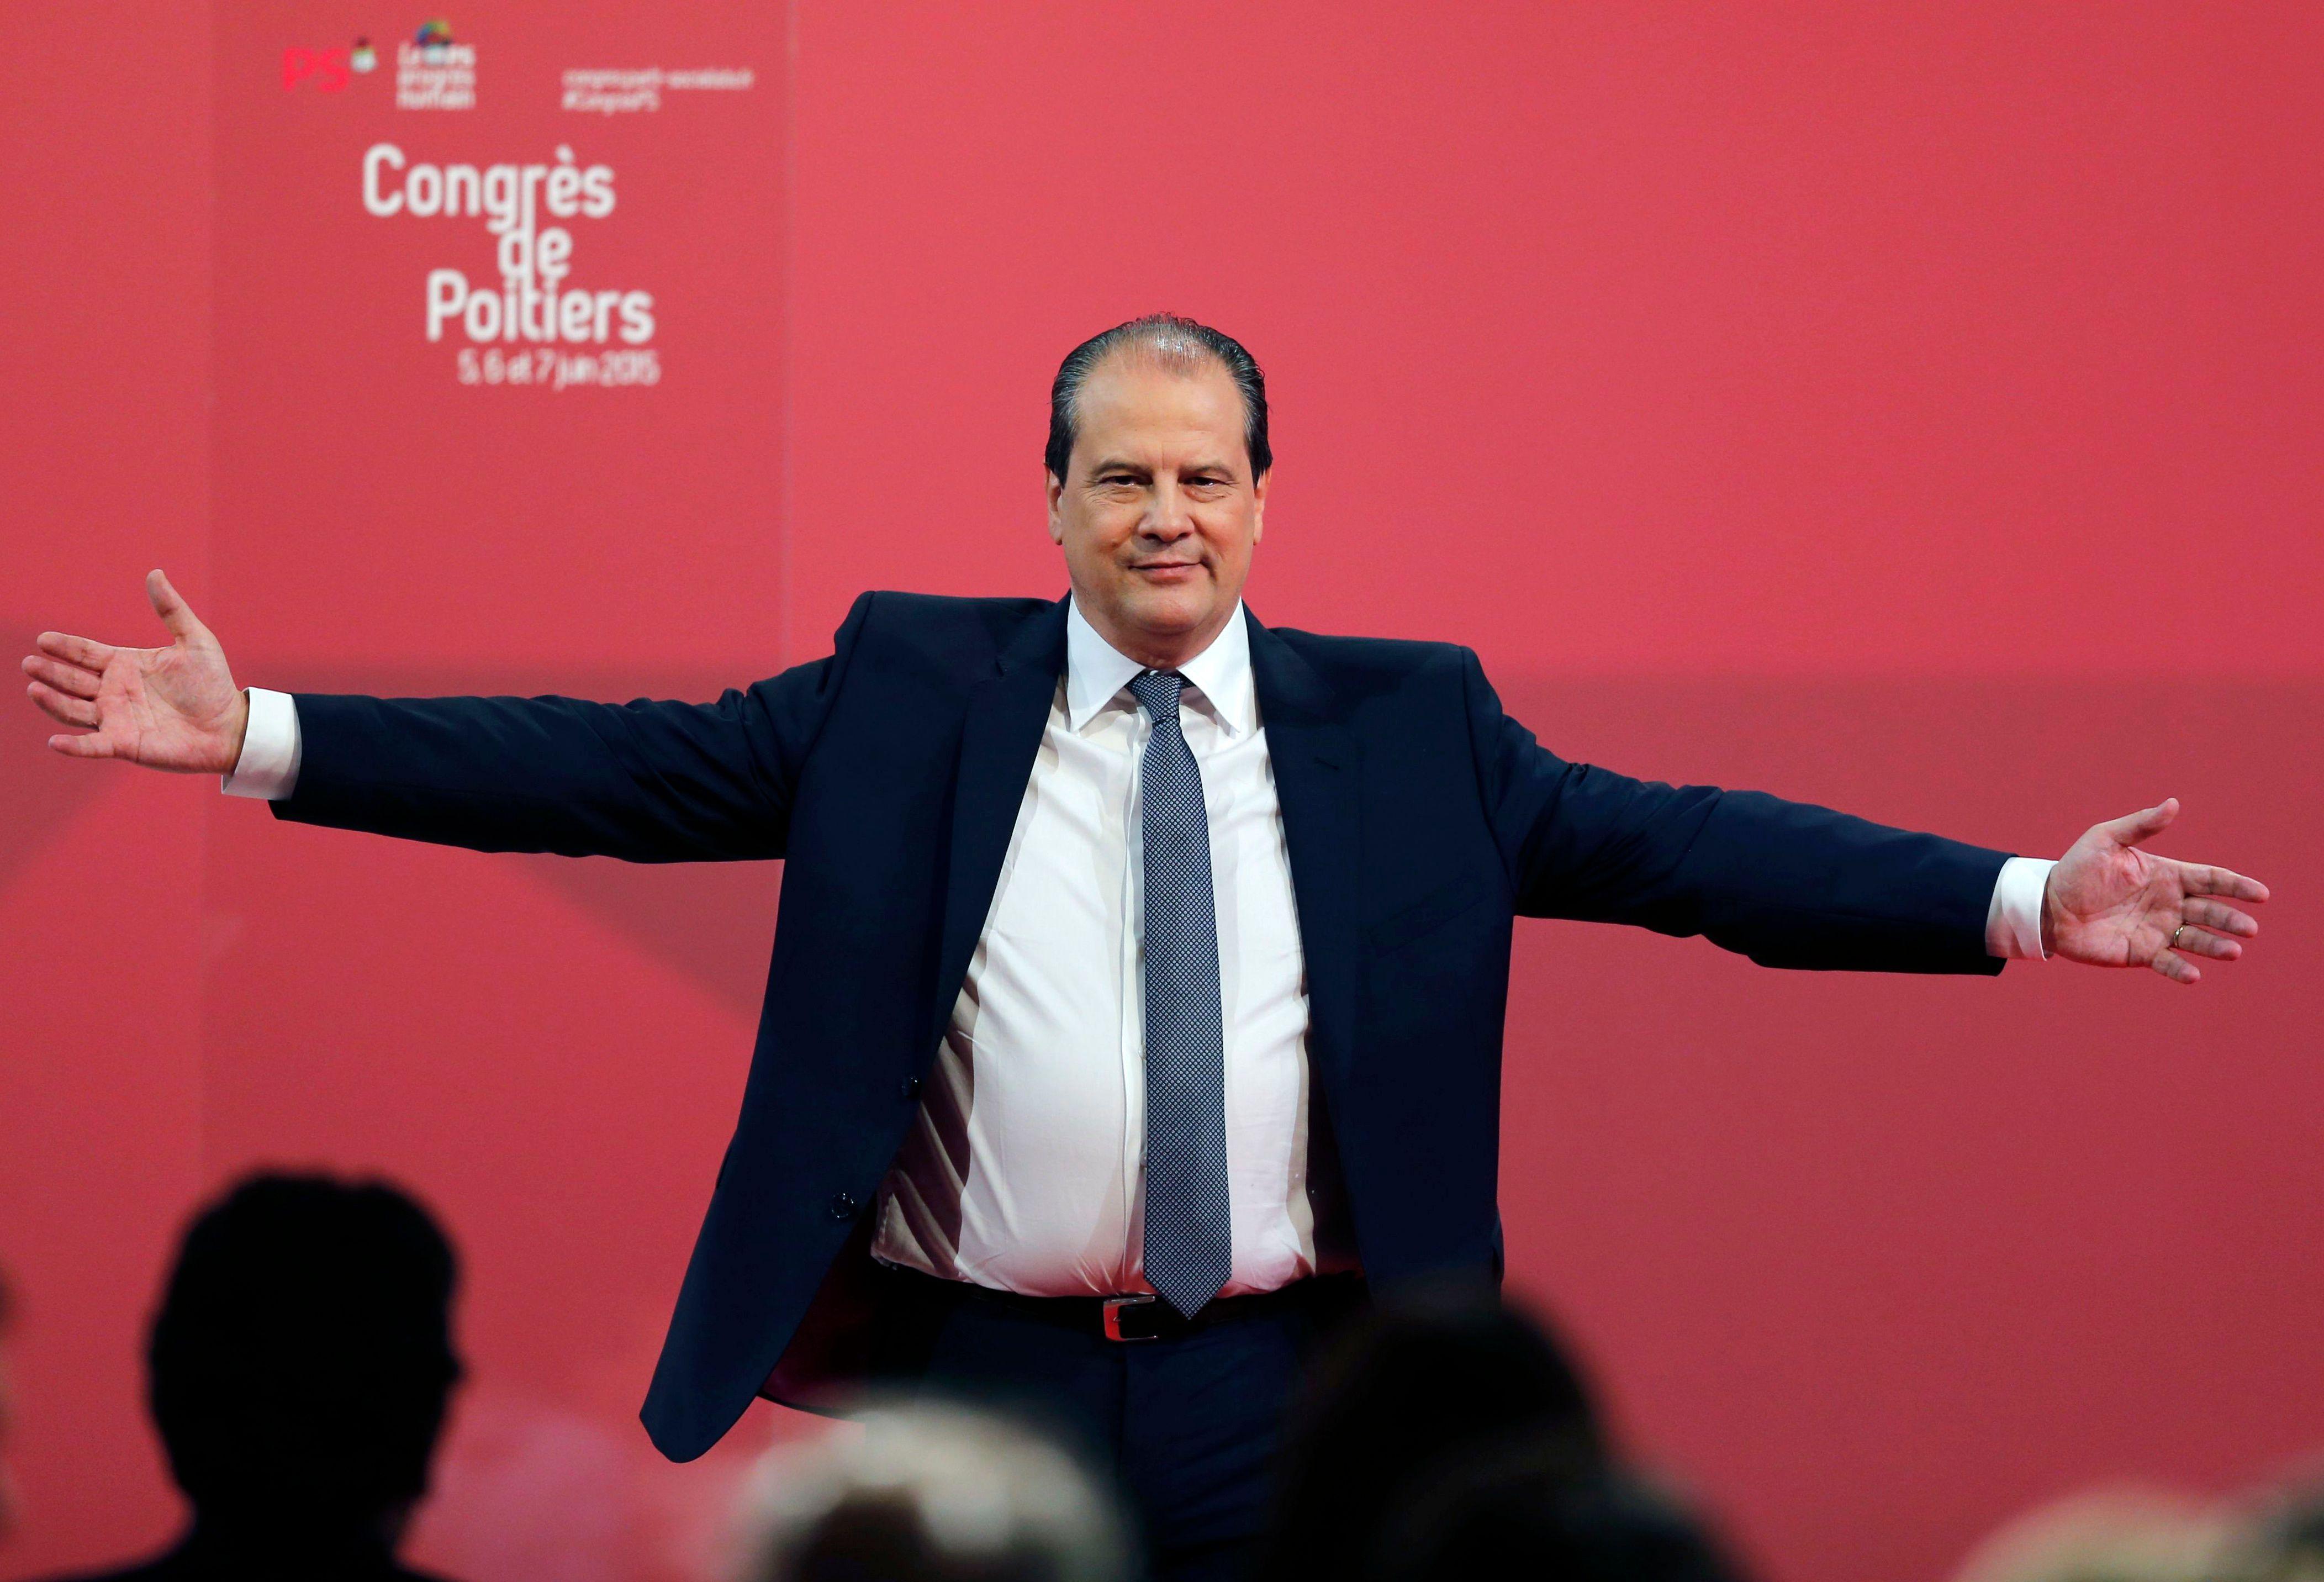 """Parti socialiste : Manuel Valls est """"un de nos présidentiables"""" assure Jean-Christophe Cambadélis"""